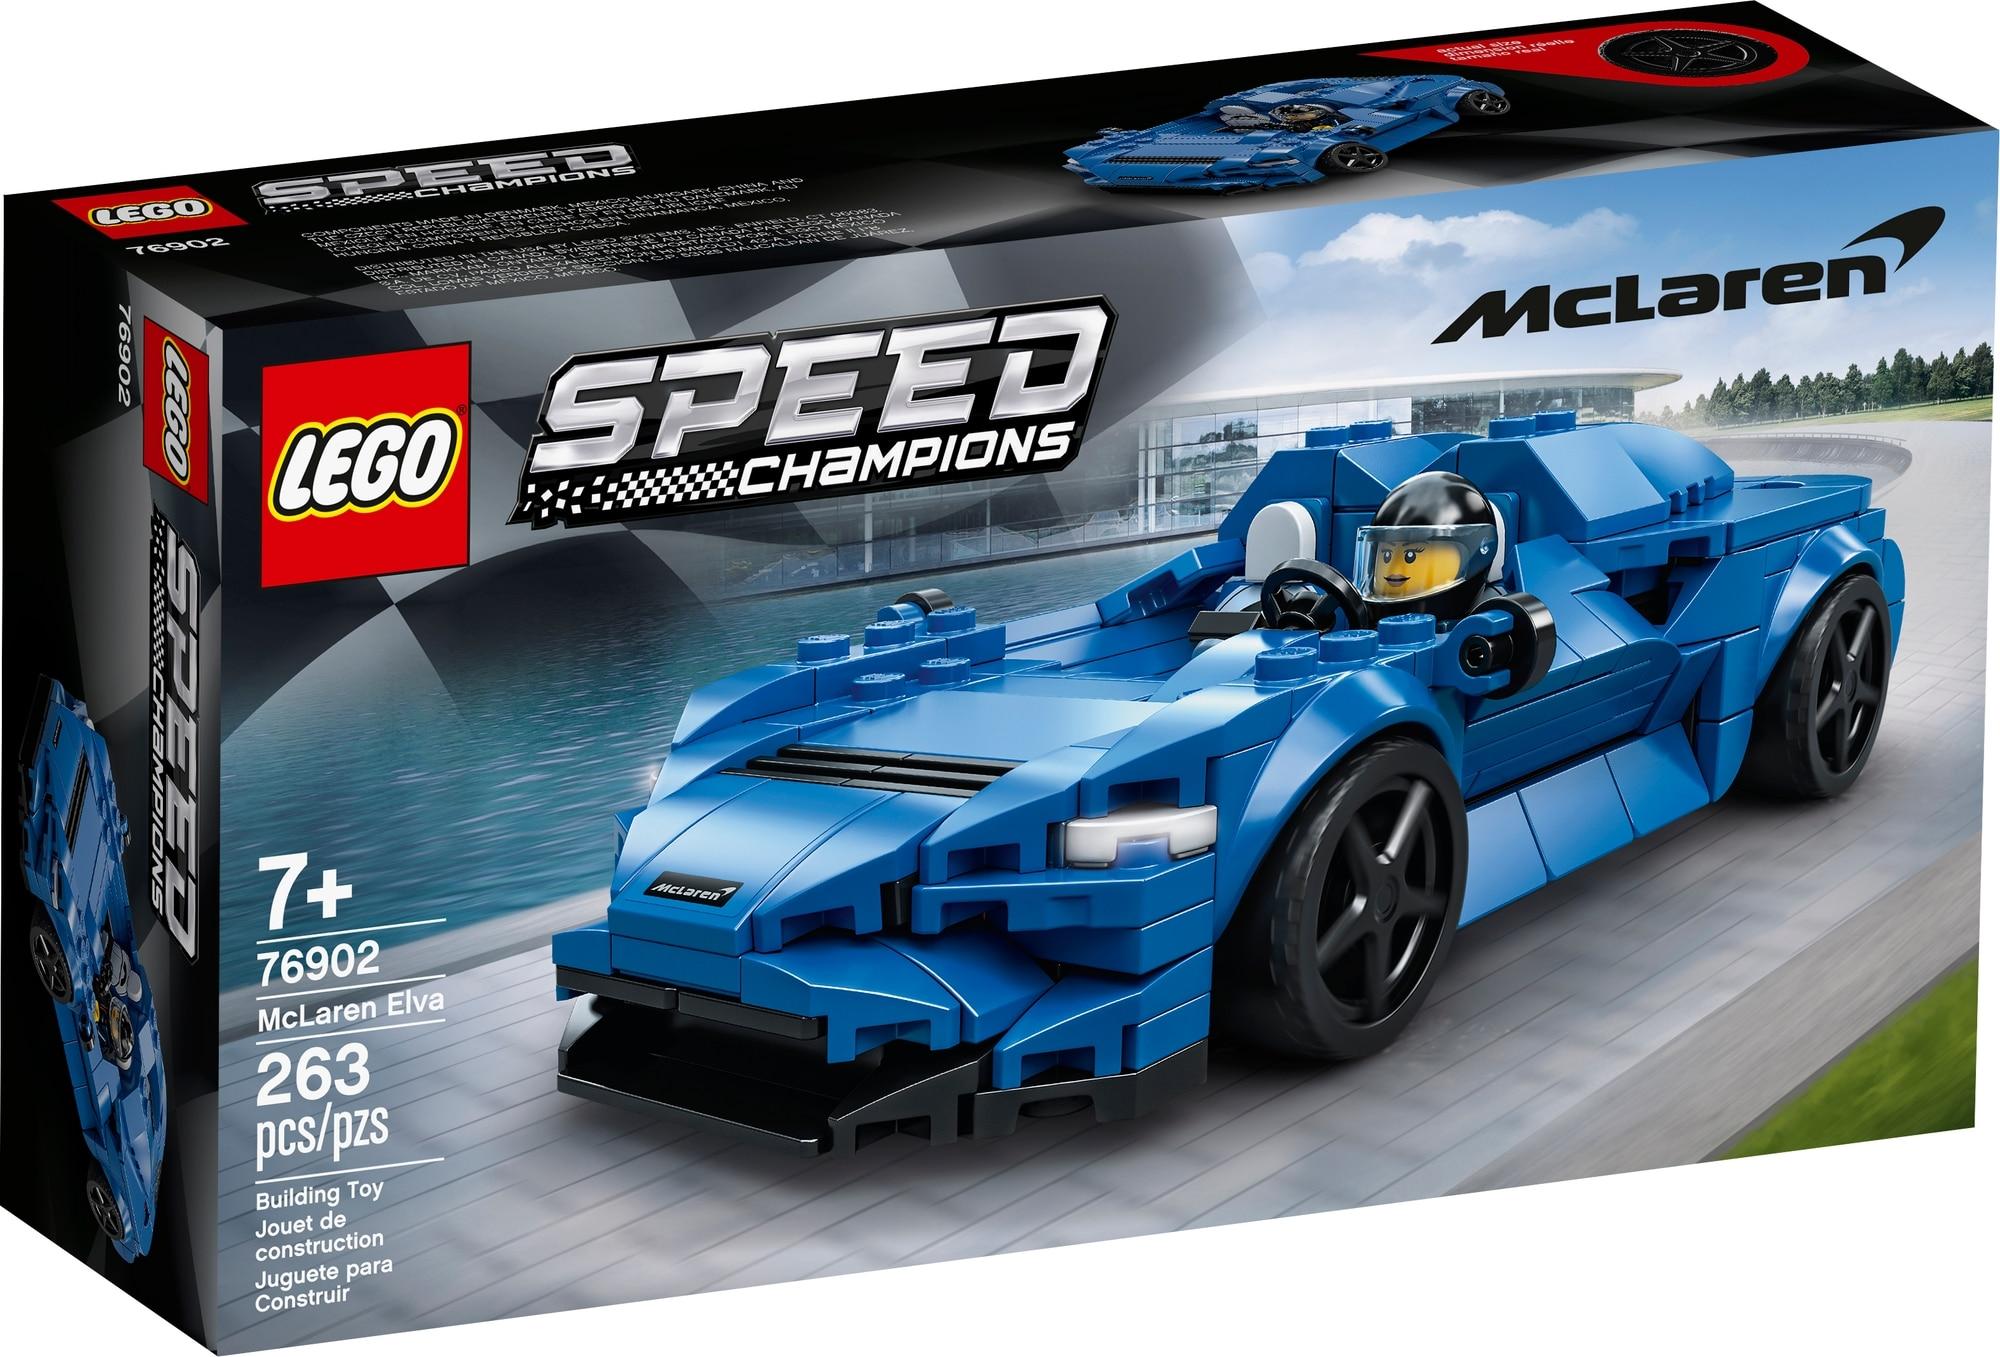 LEGO Speed Champions 76902 Mclaren Elva 2